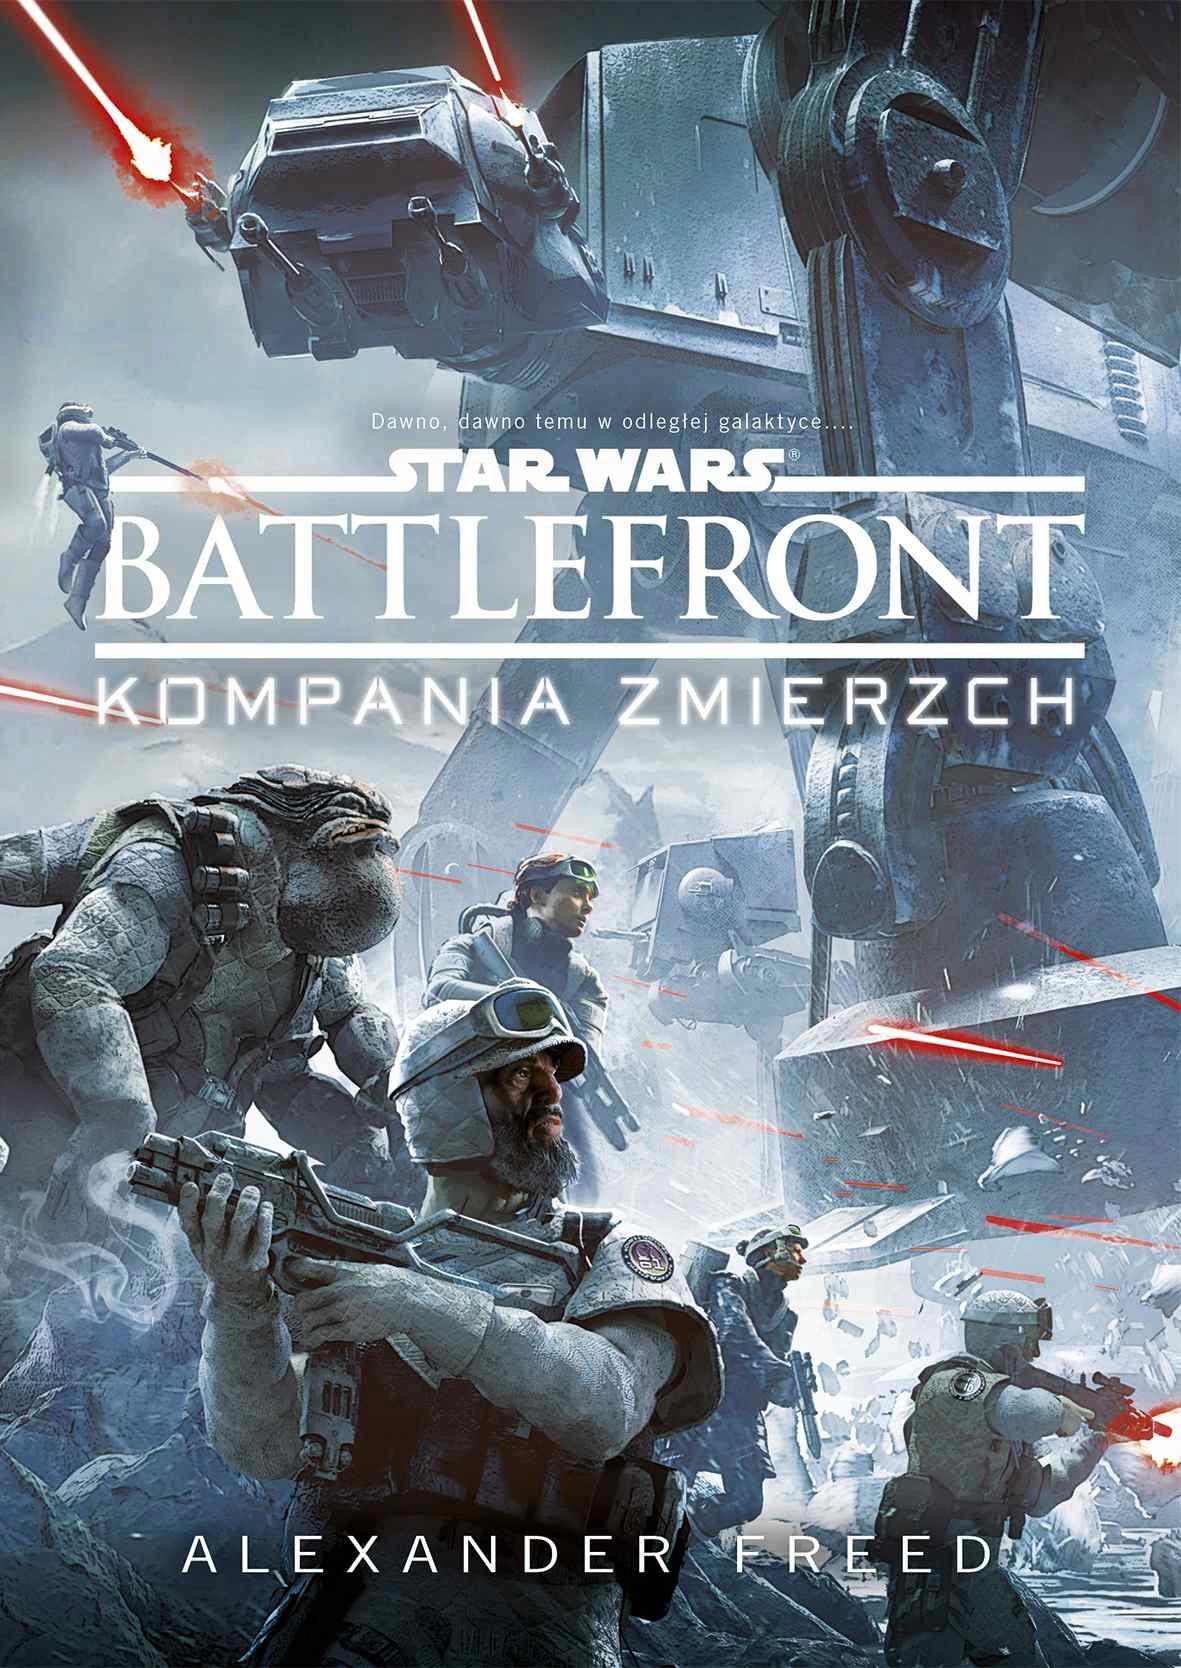 Star Wars. Battlefront. Alexander Freed